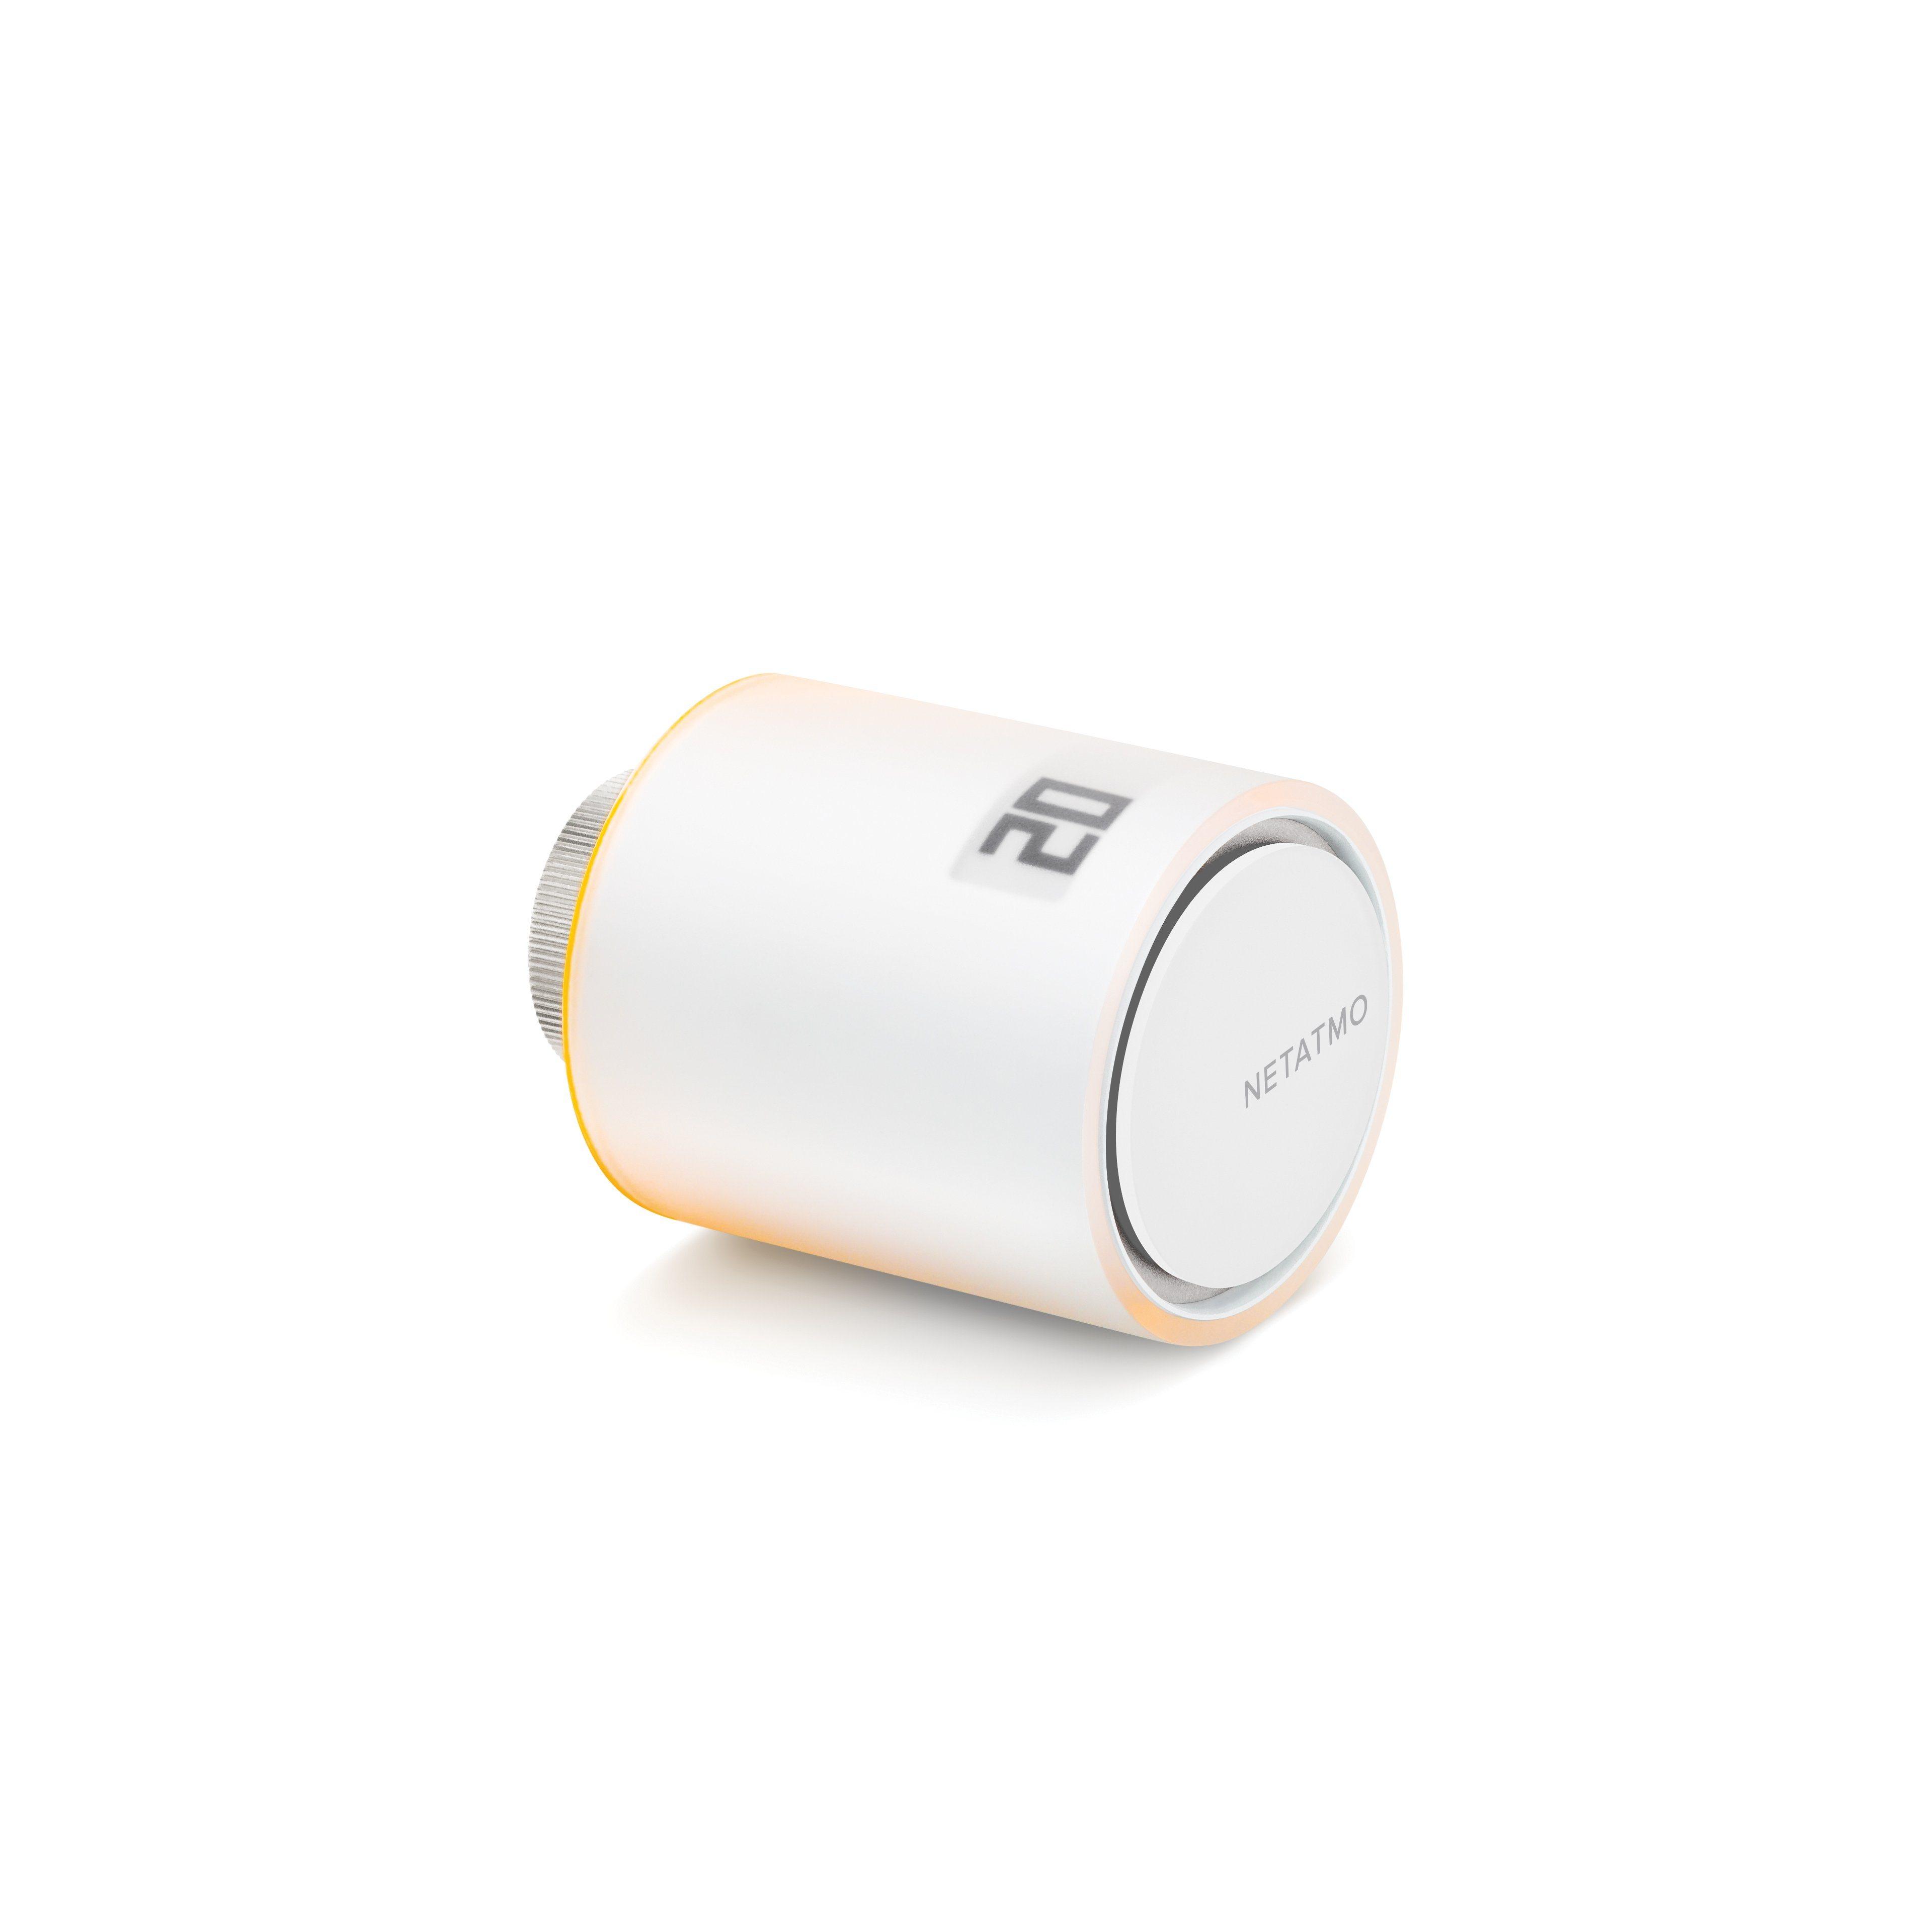 Thermostat Heizkörper Preisvergleich • Die besten Angebote online kaufen